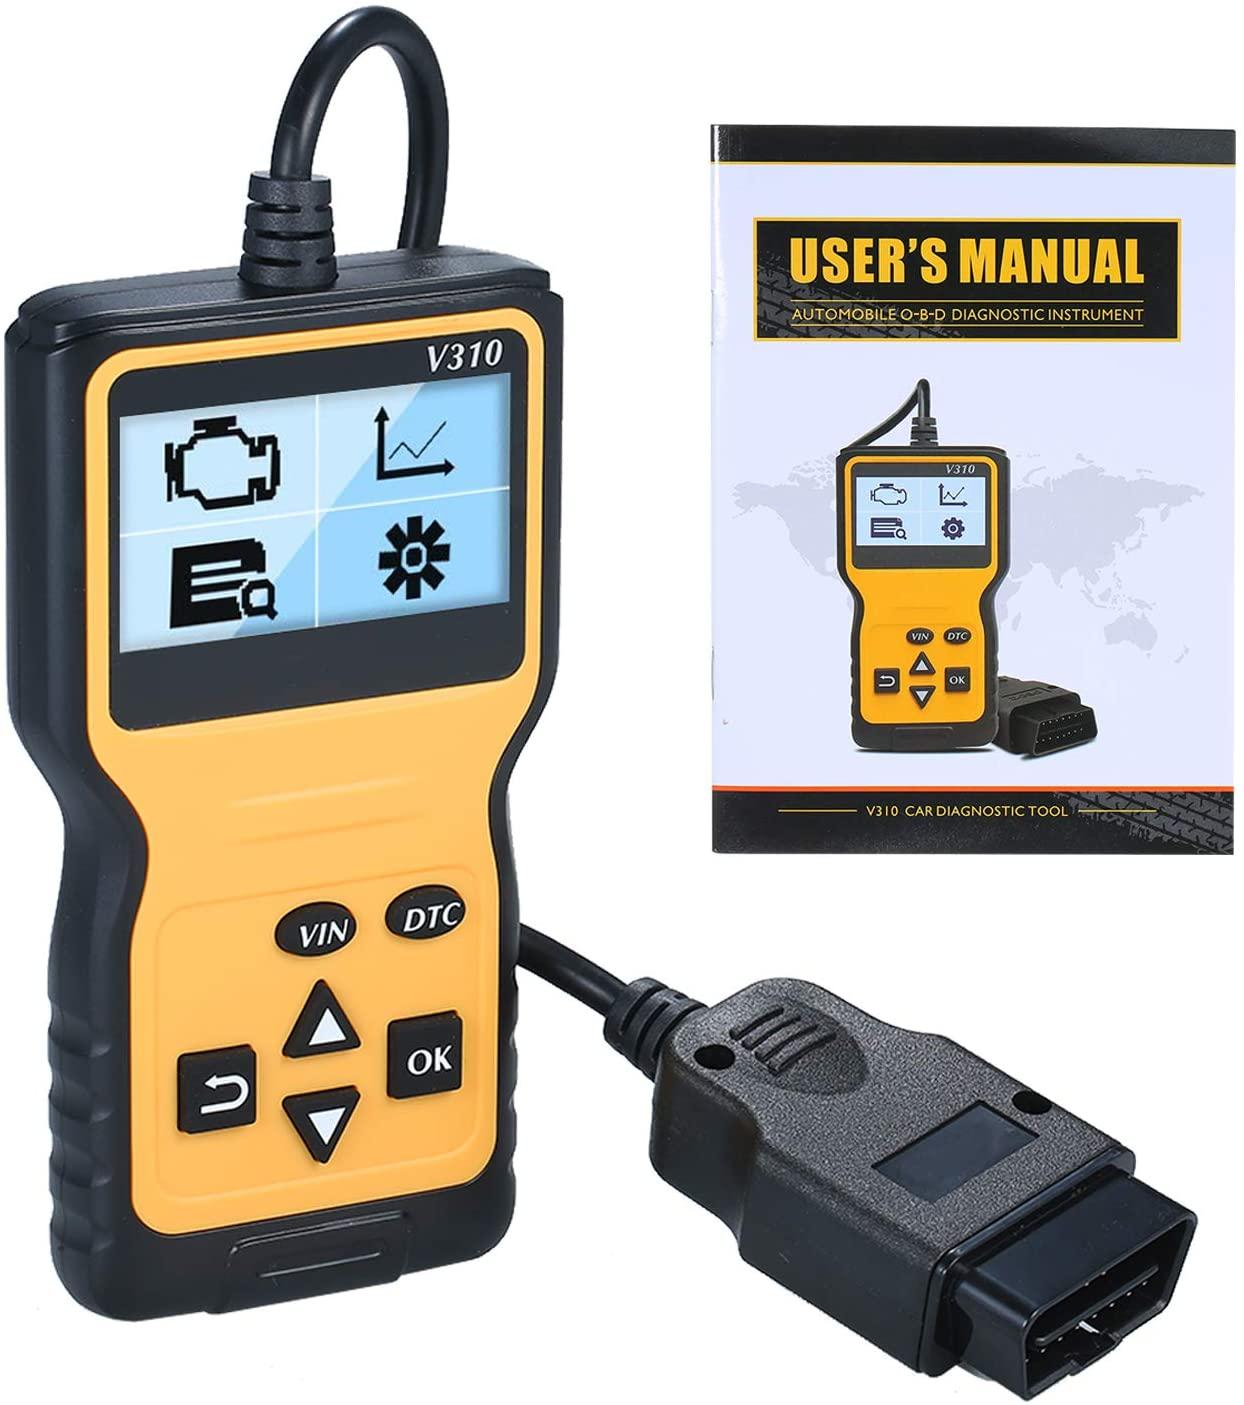 VISLONE V310 OBD2 Scanner, Car Engine Fault Code Reader OBD II Diagnostic Scan Tool, Yellow+Black